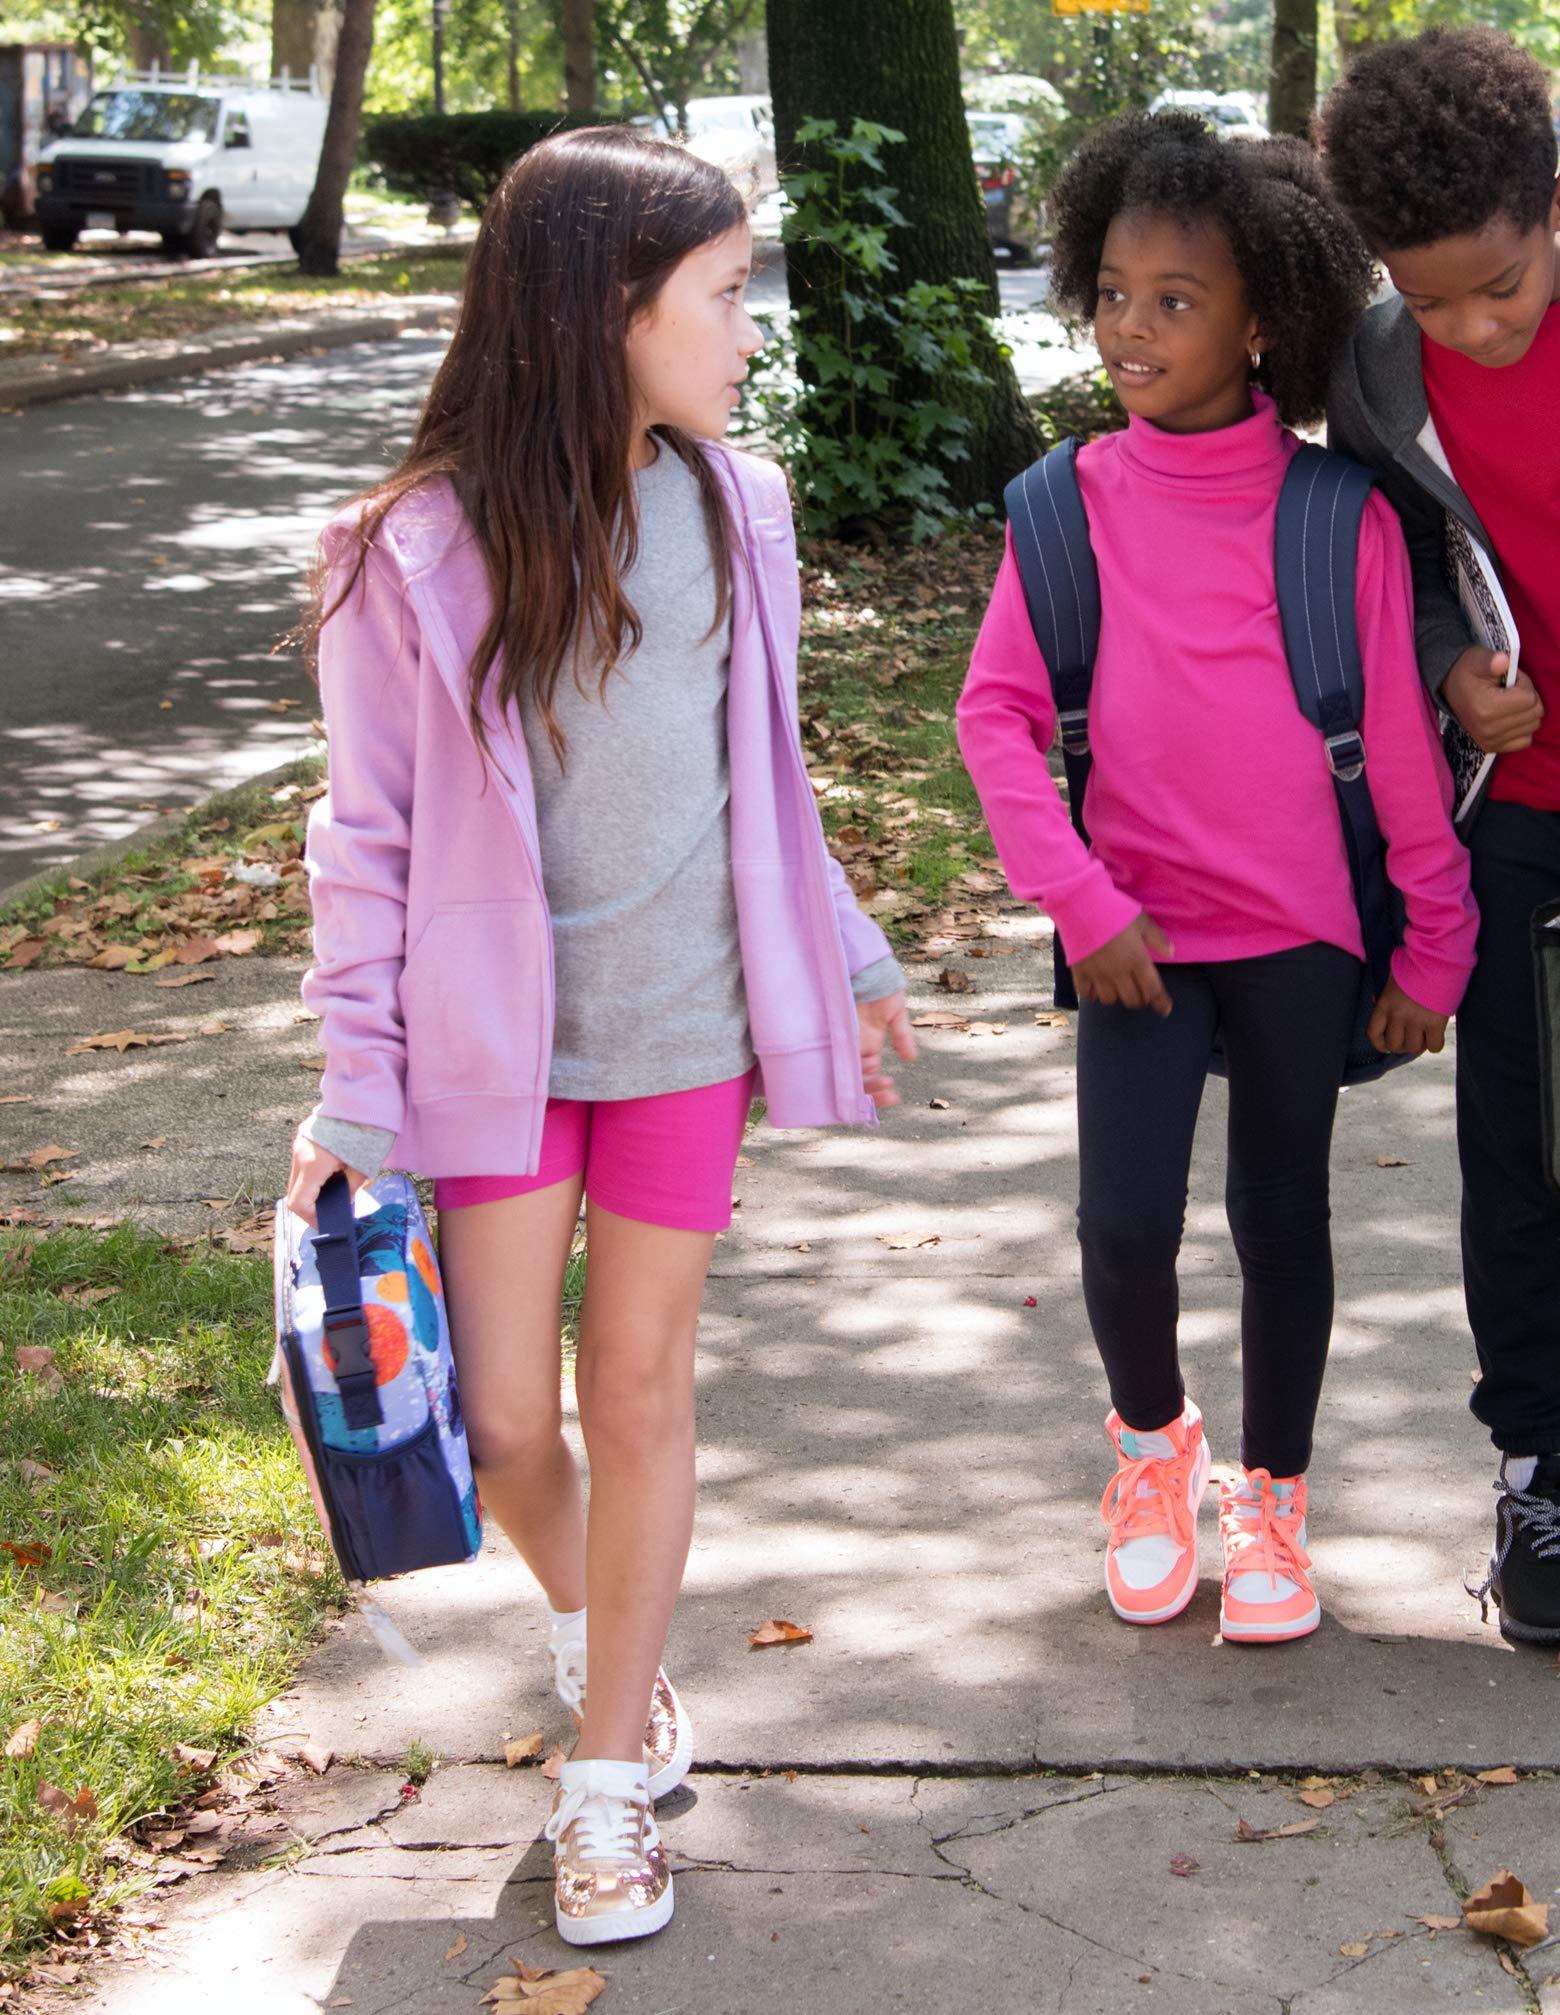 Size Toddler-14 Years Leveret Girls Legging Cotton Bike Kids /& Toddler Shorts Pants